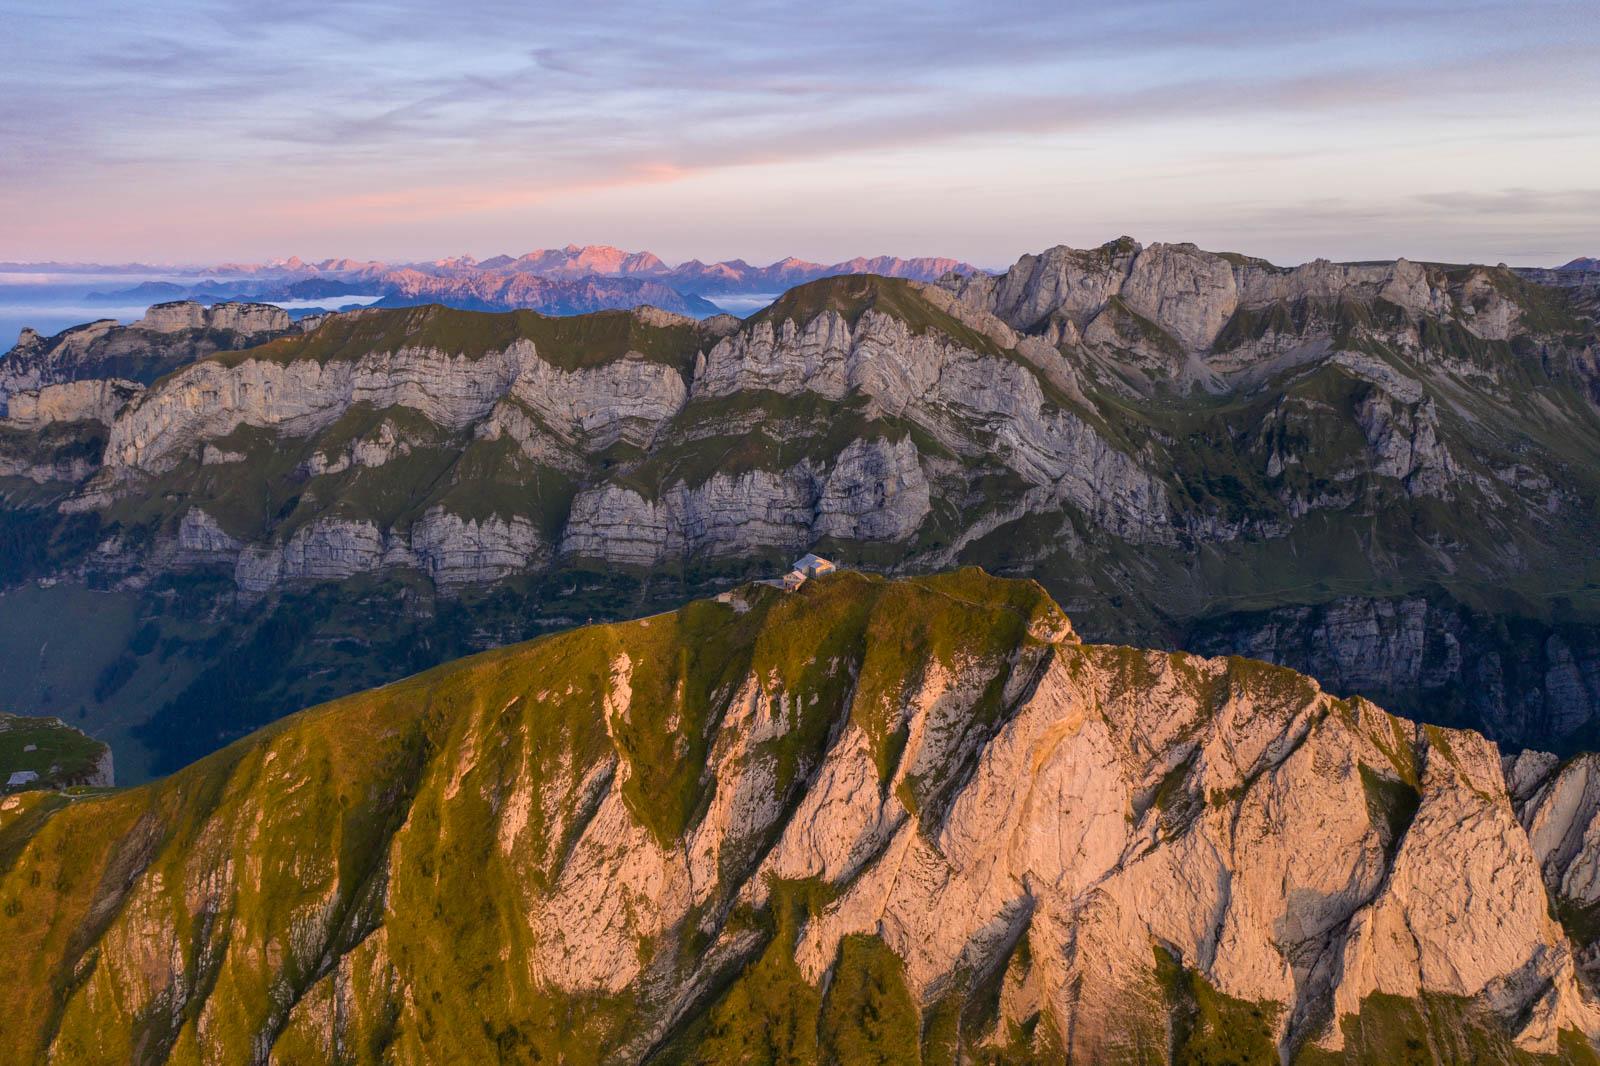 Photo: Die Bergkämme des Alpsteins mit dem Schäfler in der Mitte